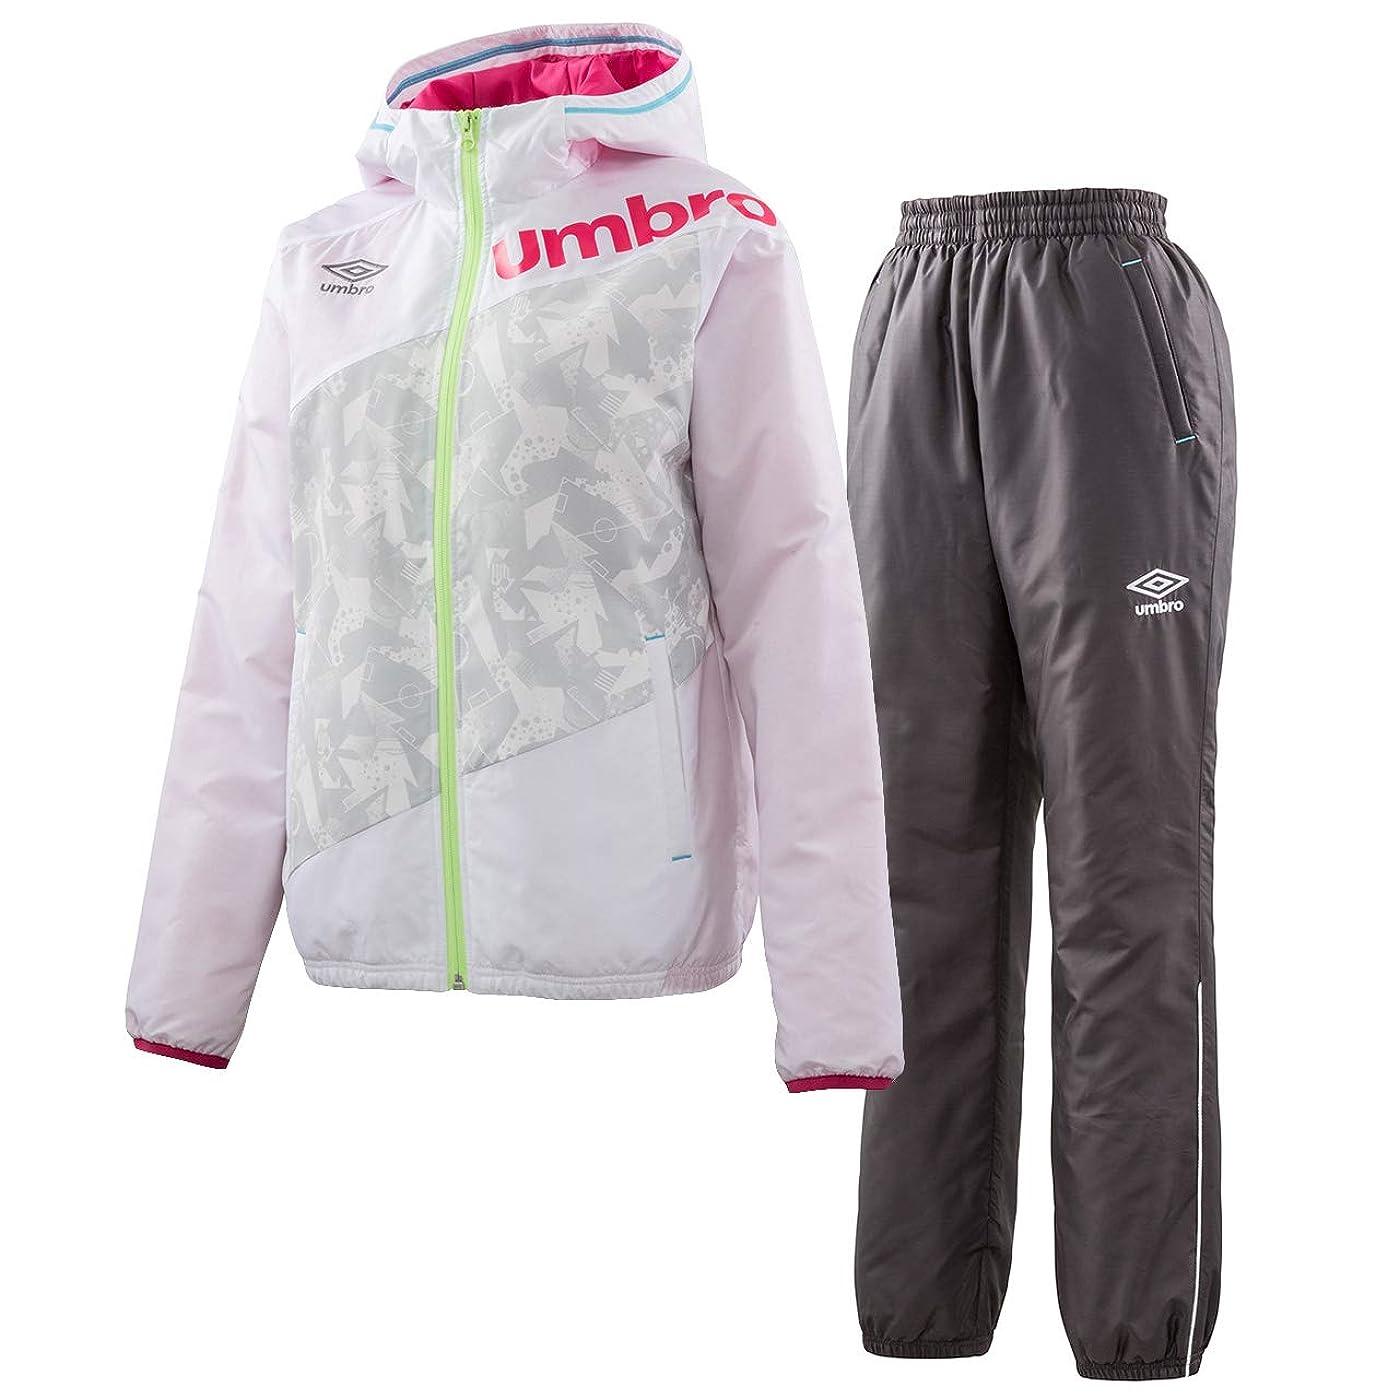 警告するまどろみのある詳細にウィメンズ インシュレーションジャケット&パンツ 上下セット(ホワイト/カーボン) UMWMJF41-WHT-UMWMJG41-CBN